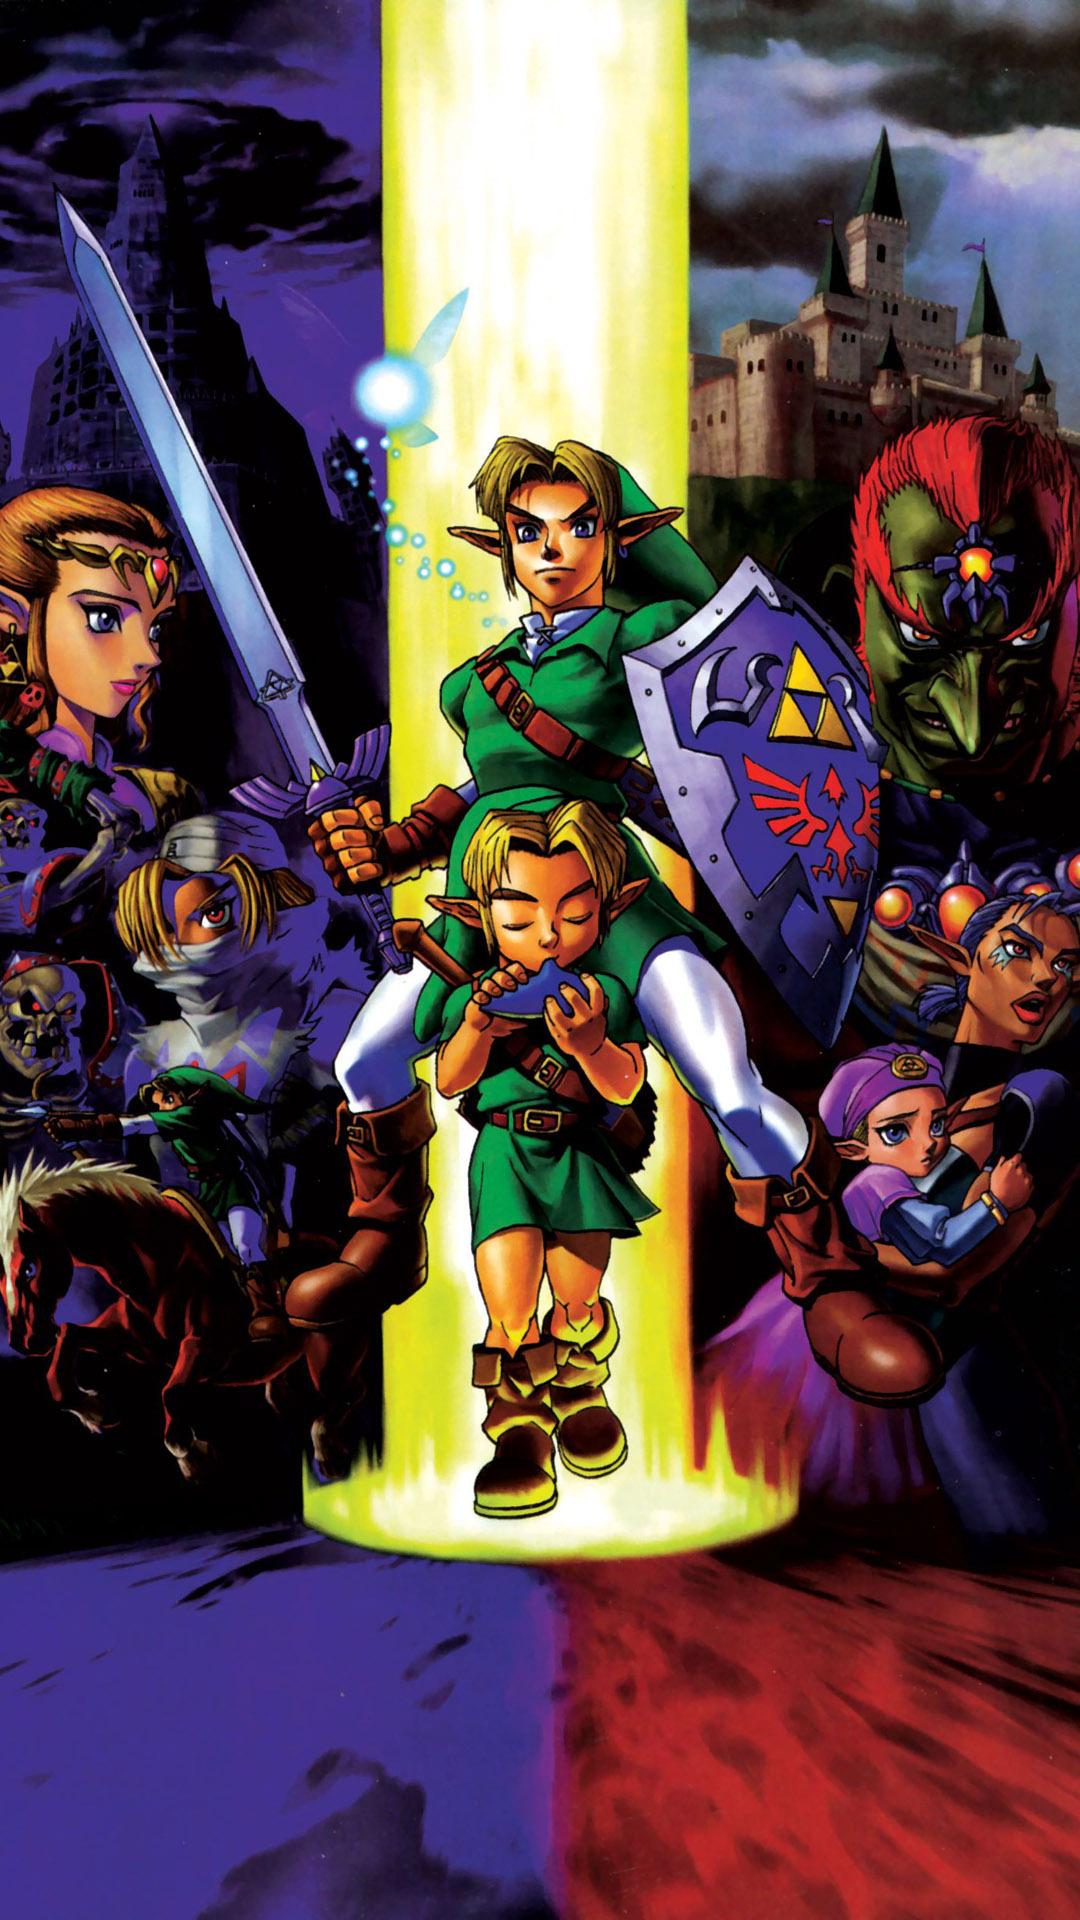 Legend of Zelda Wallpaper Phone - WallpaperSafari